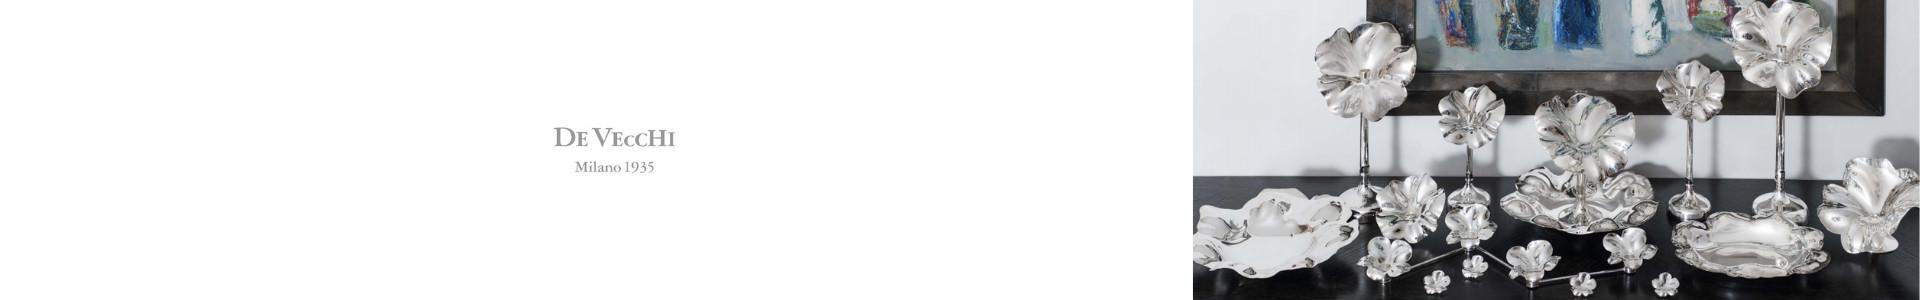 banner de vecchi argenti shop online code discount sale codice sconto